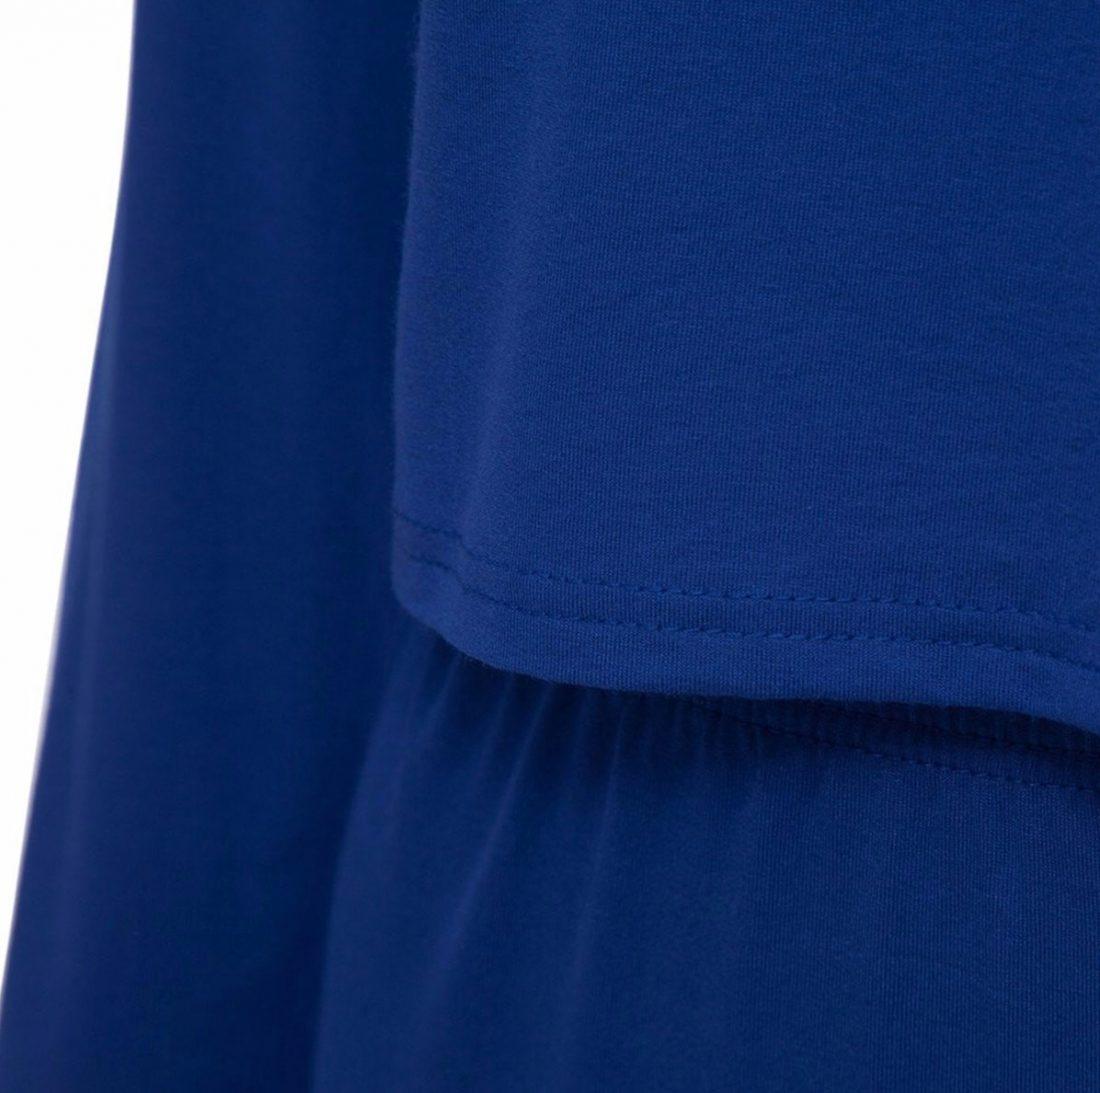 M0181 blue10 Two Piece Sets Dresses maureens.com boutique